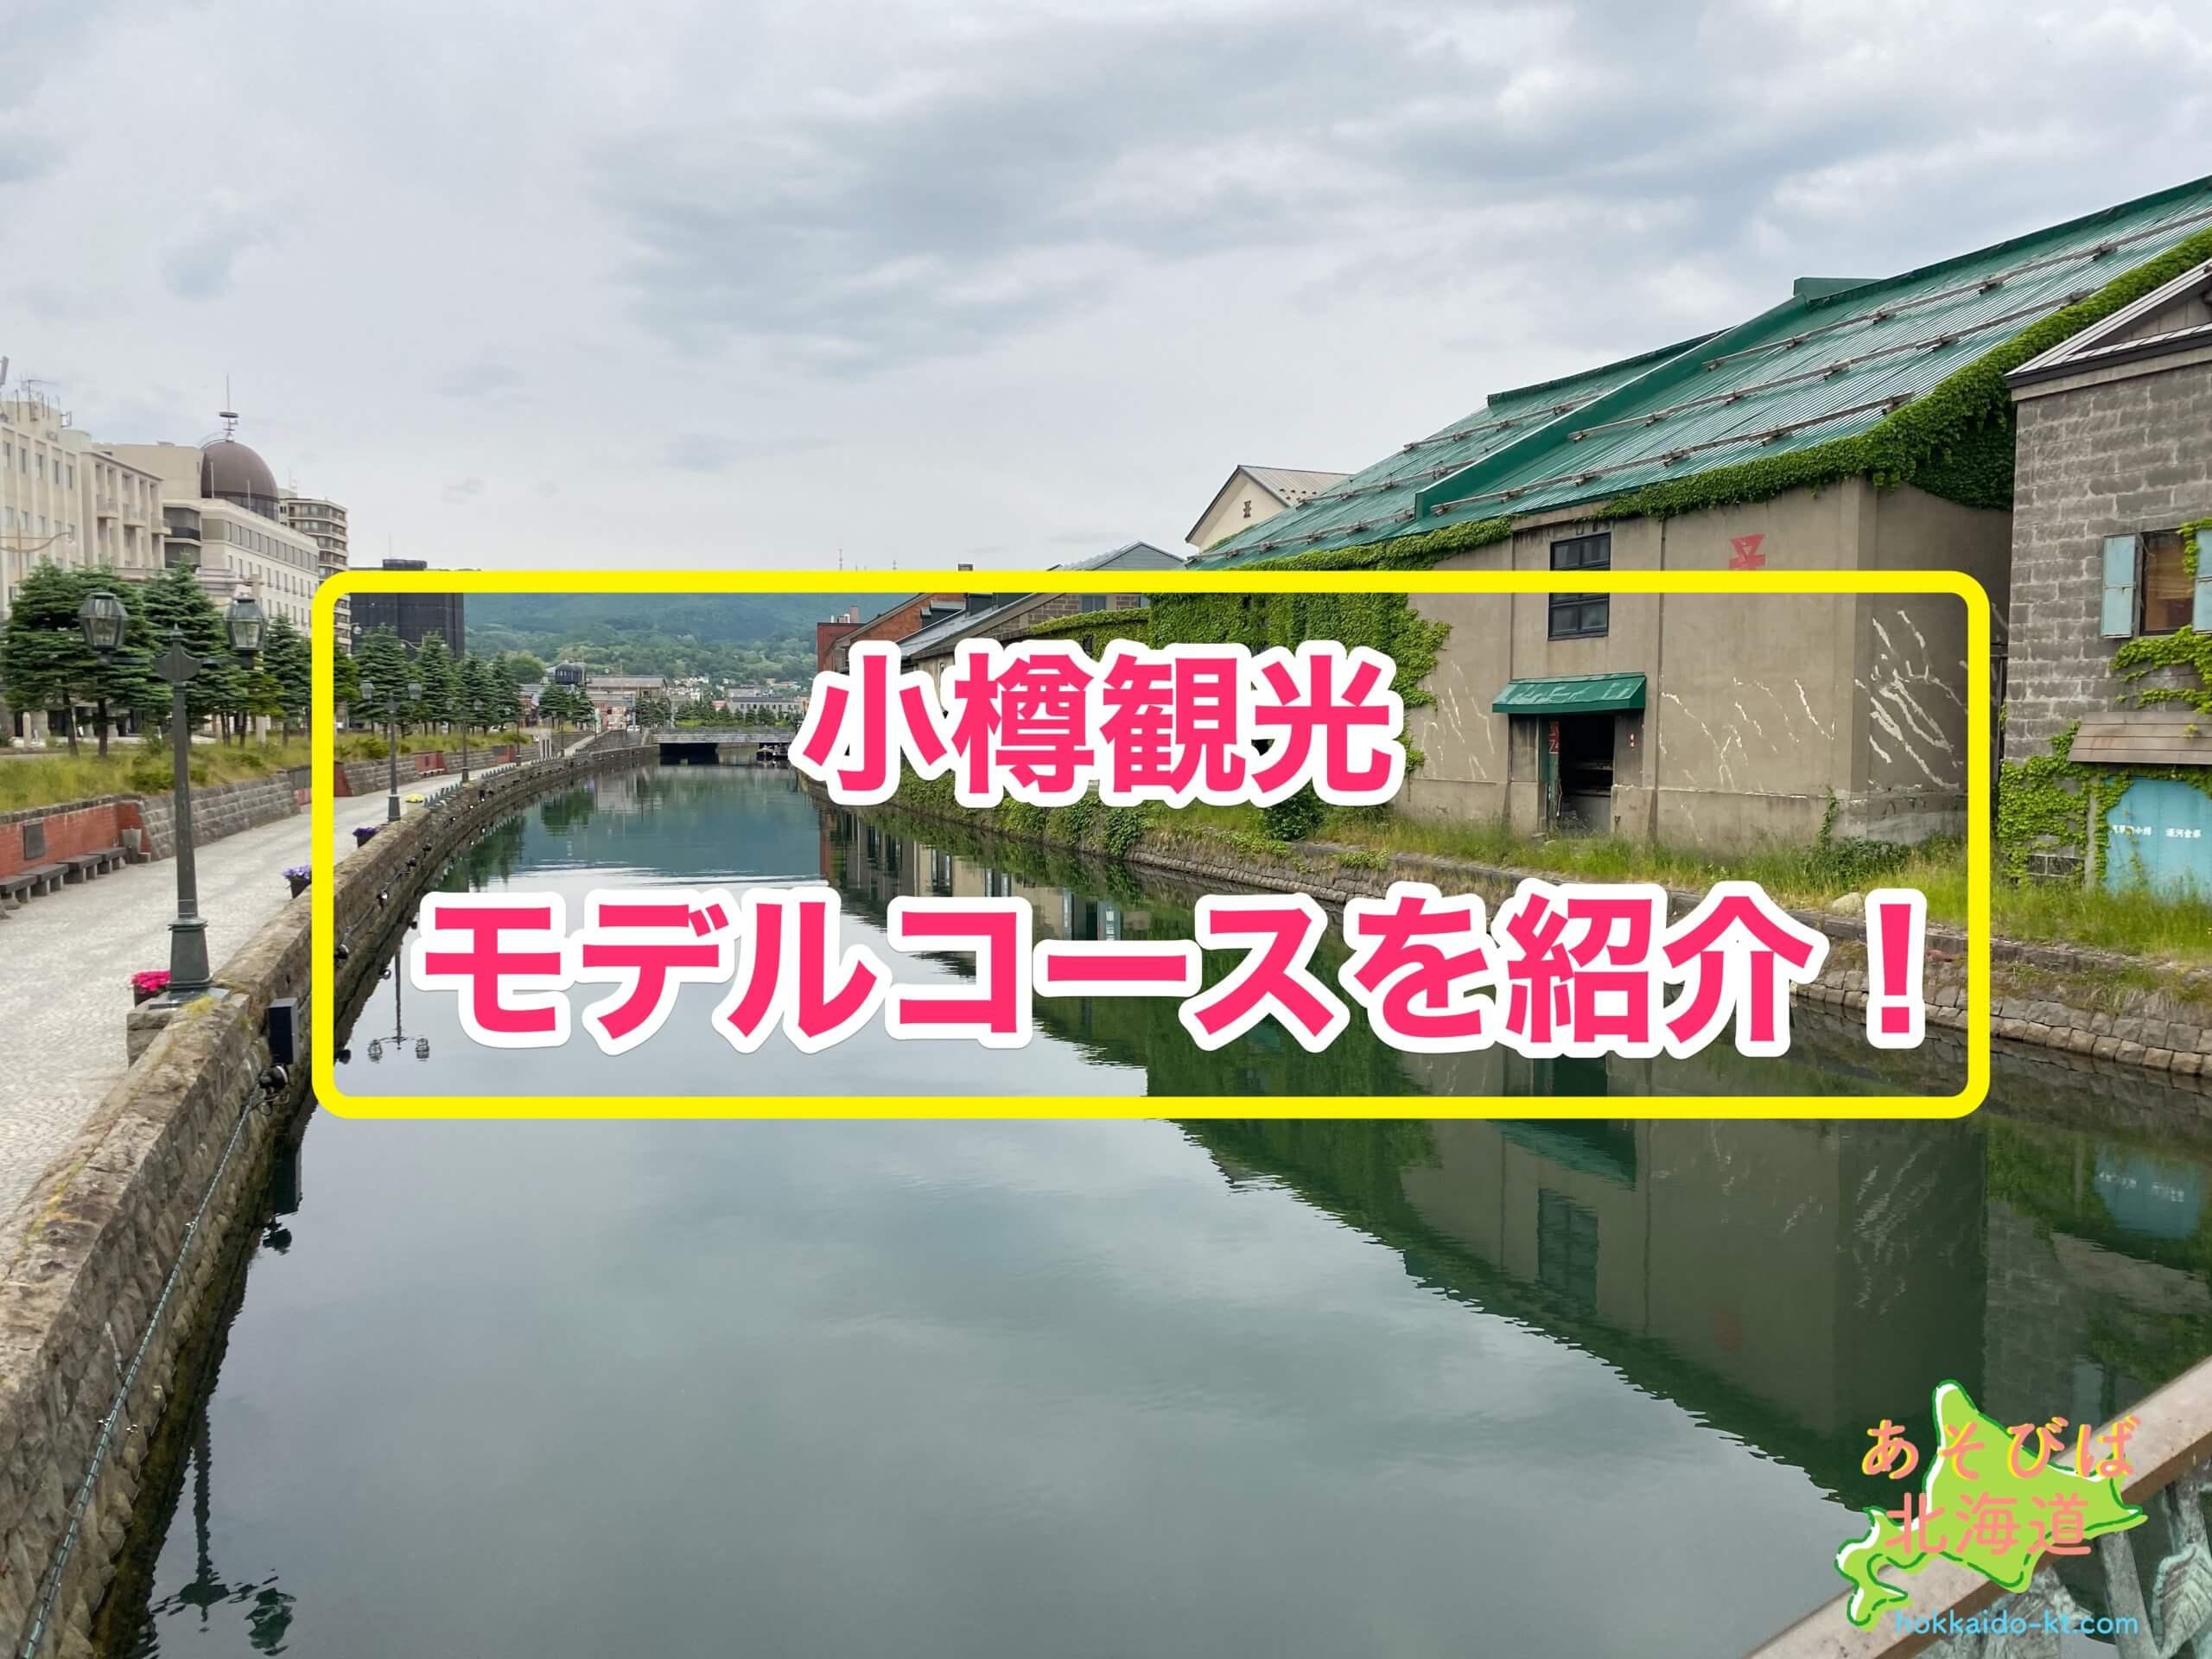 小樽観光モデルコースを紹介!